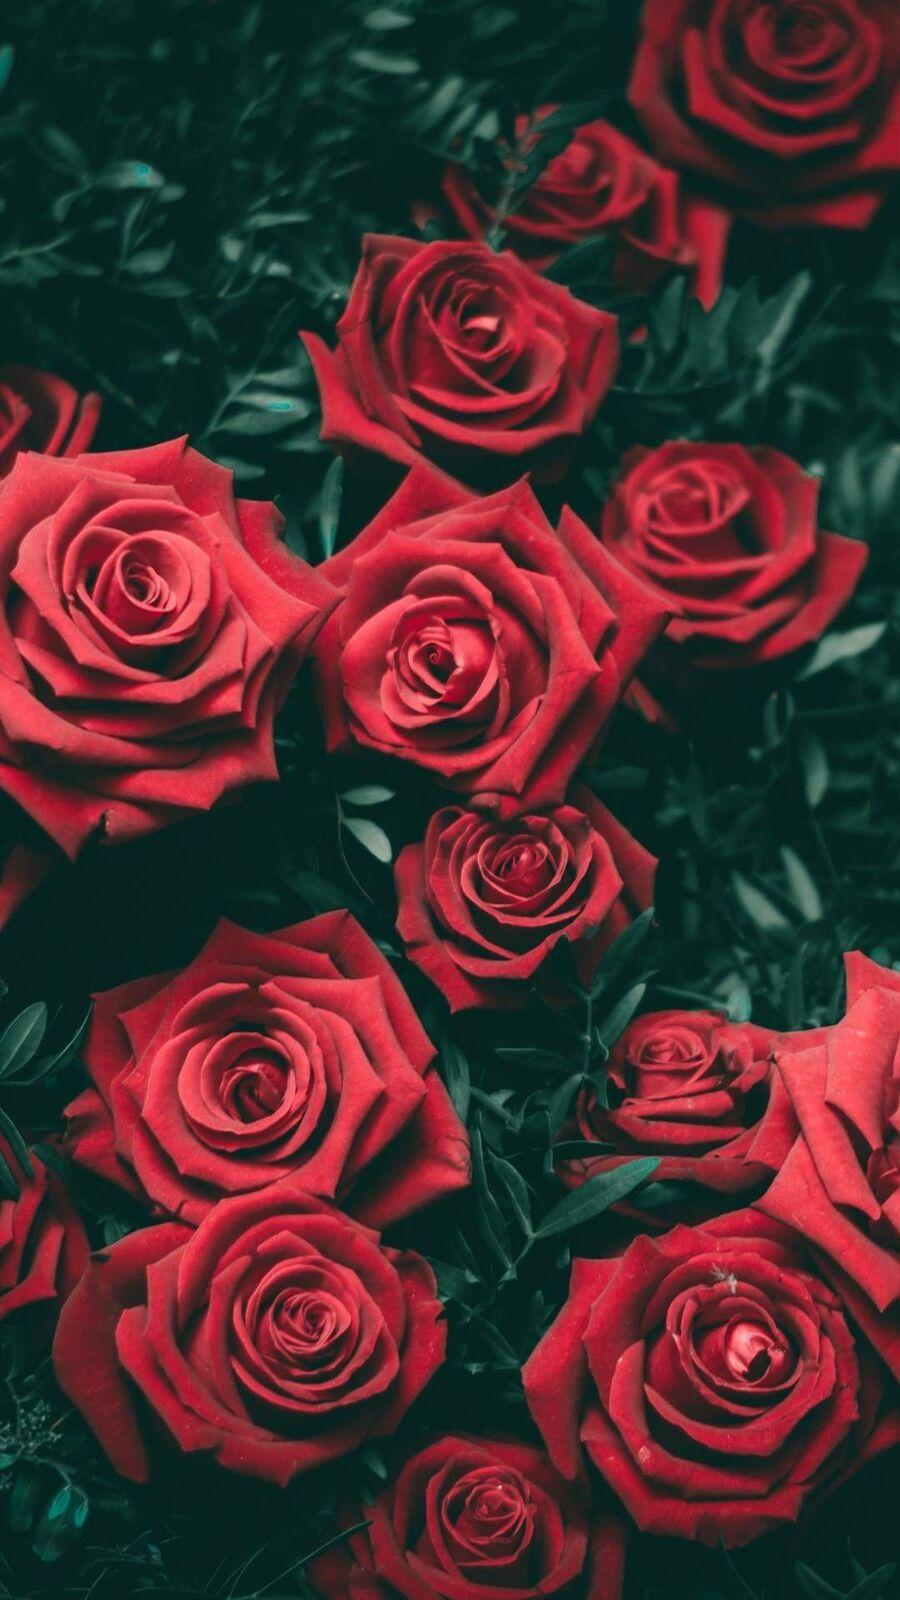 صور ورد احمر جنان خلفيات ورد جورى احمر صور ورد الحب الاحمر 2021 صقور الإبدآع